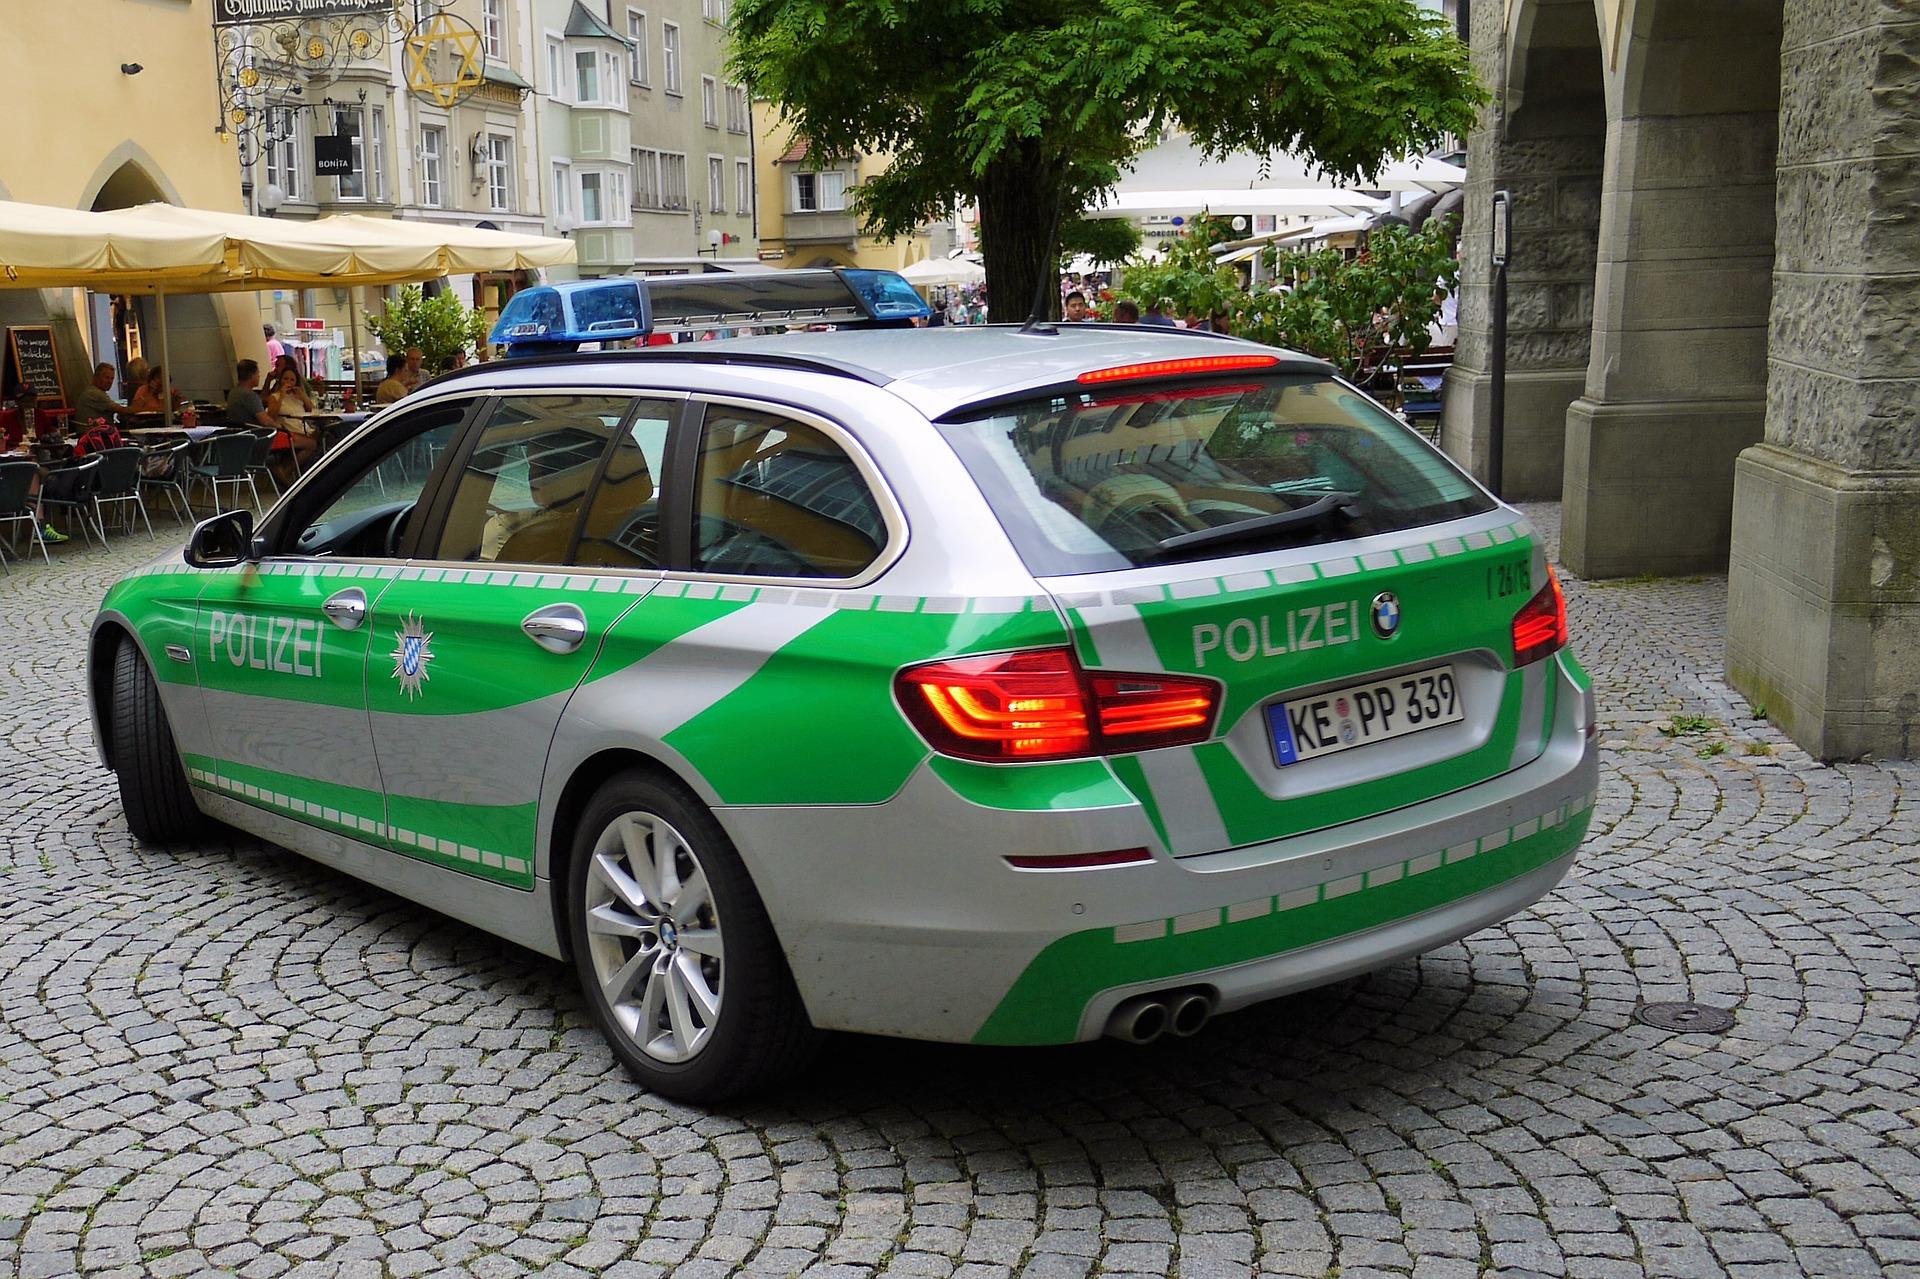 Njemačka policija pretresla lokacije vezane uz islamista, zaplijenila oružje